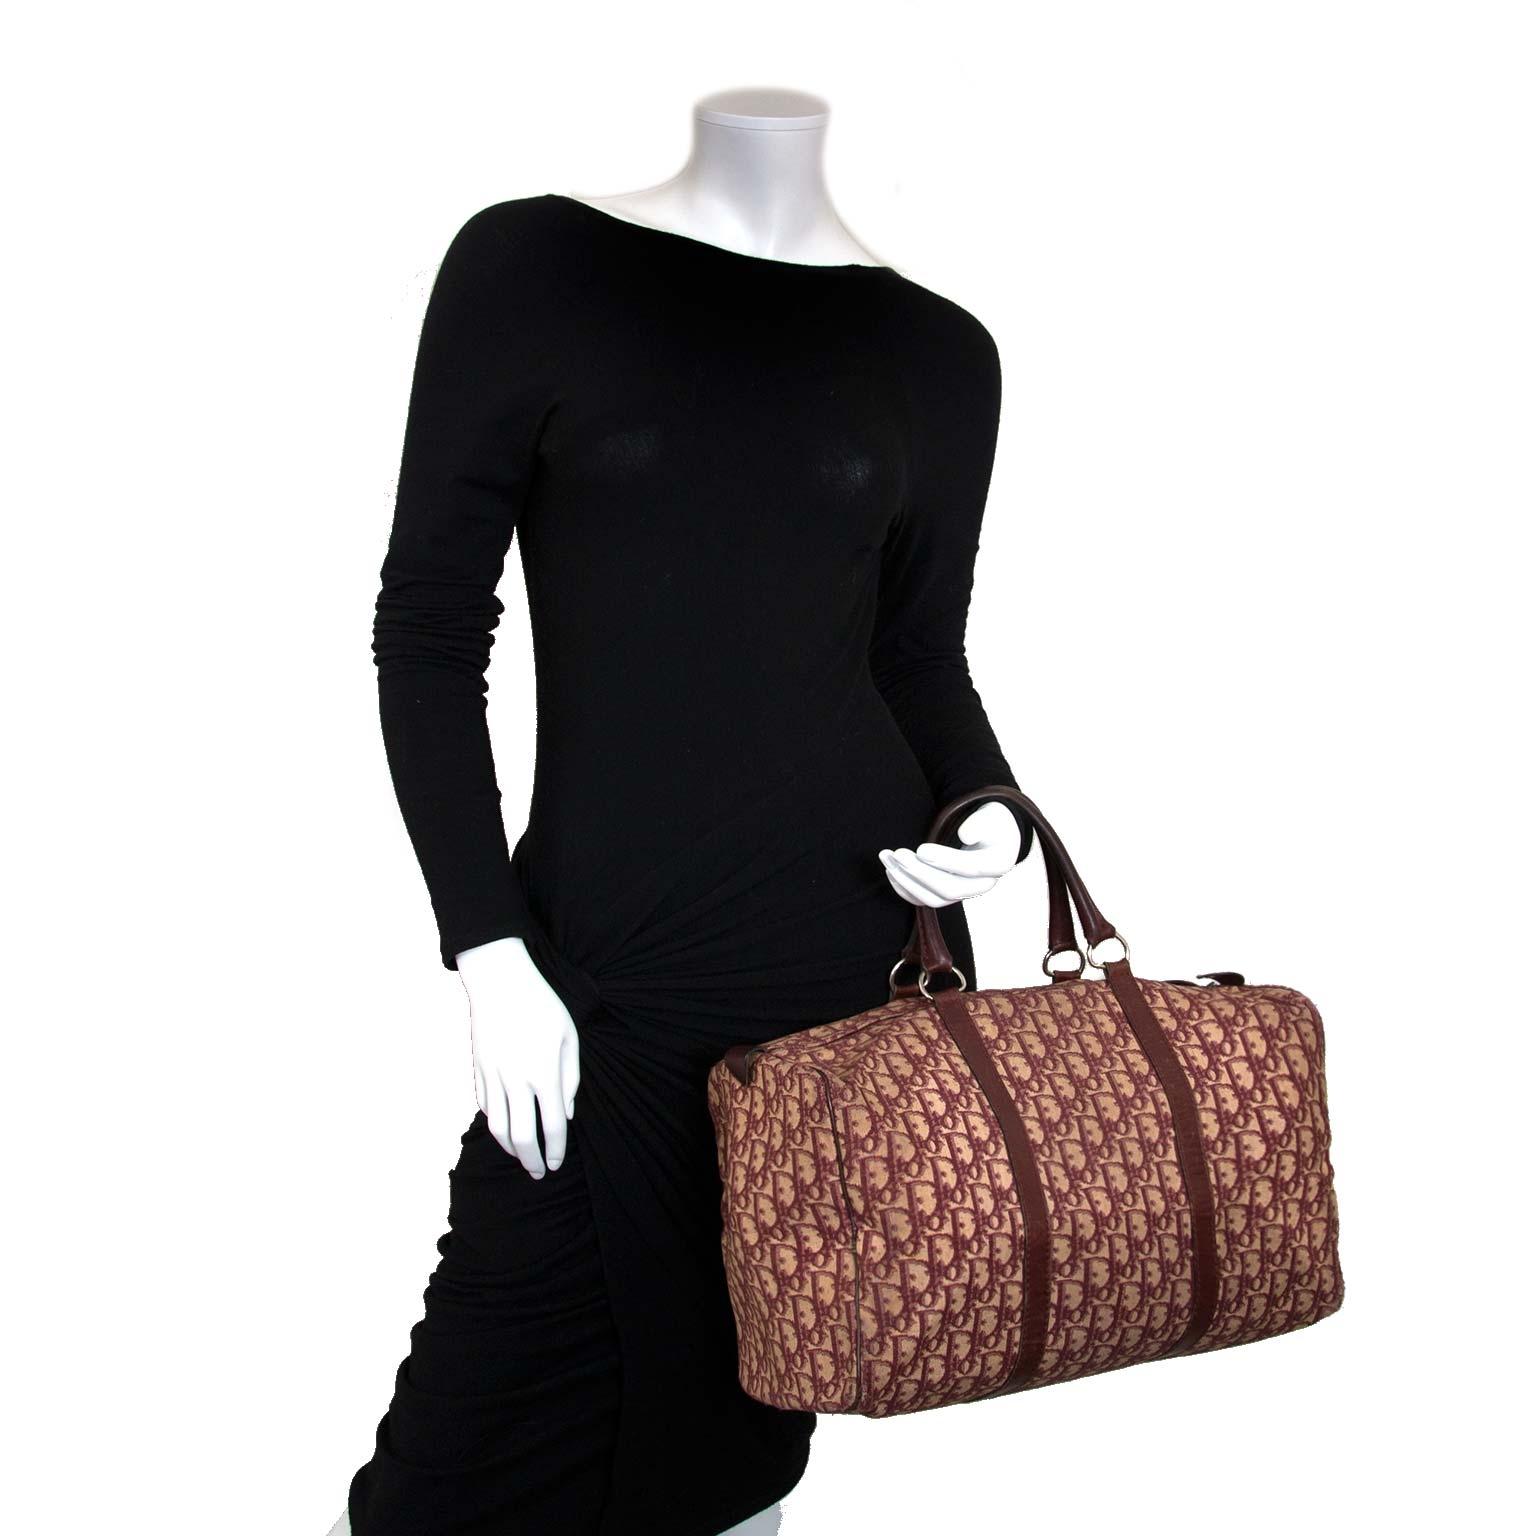 Koop en verkoop uw authentieke designer handtassen bij Labellov tweedehands luxe in Antwerpen